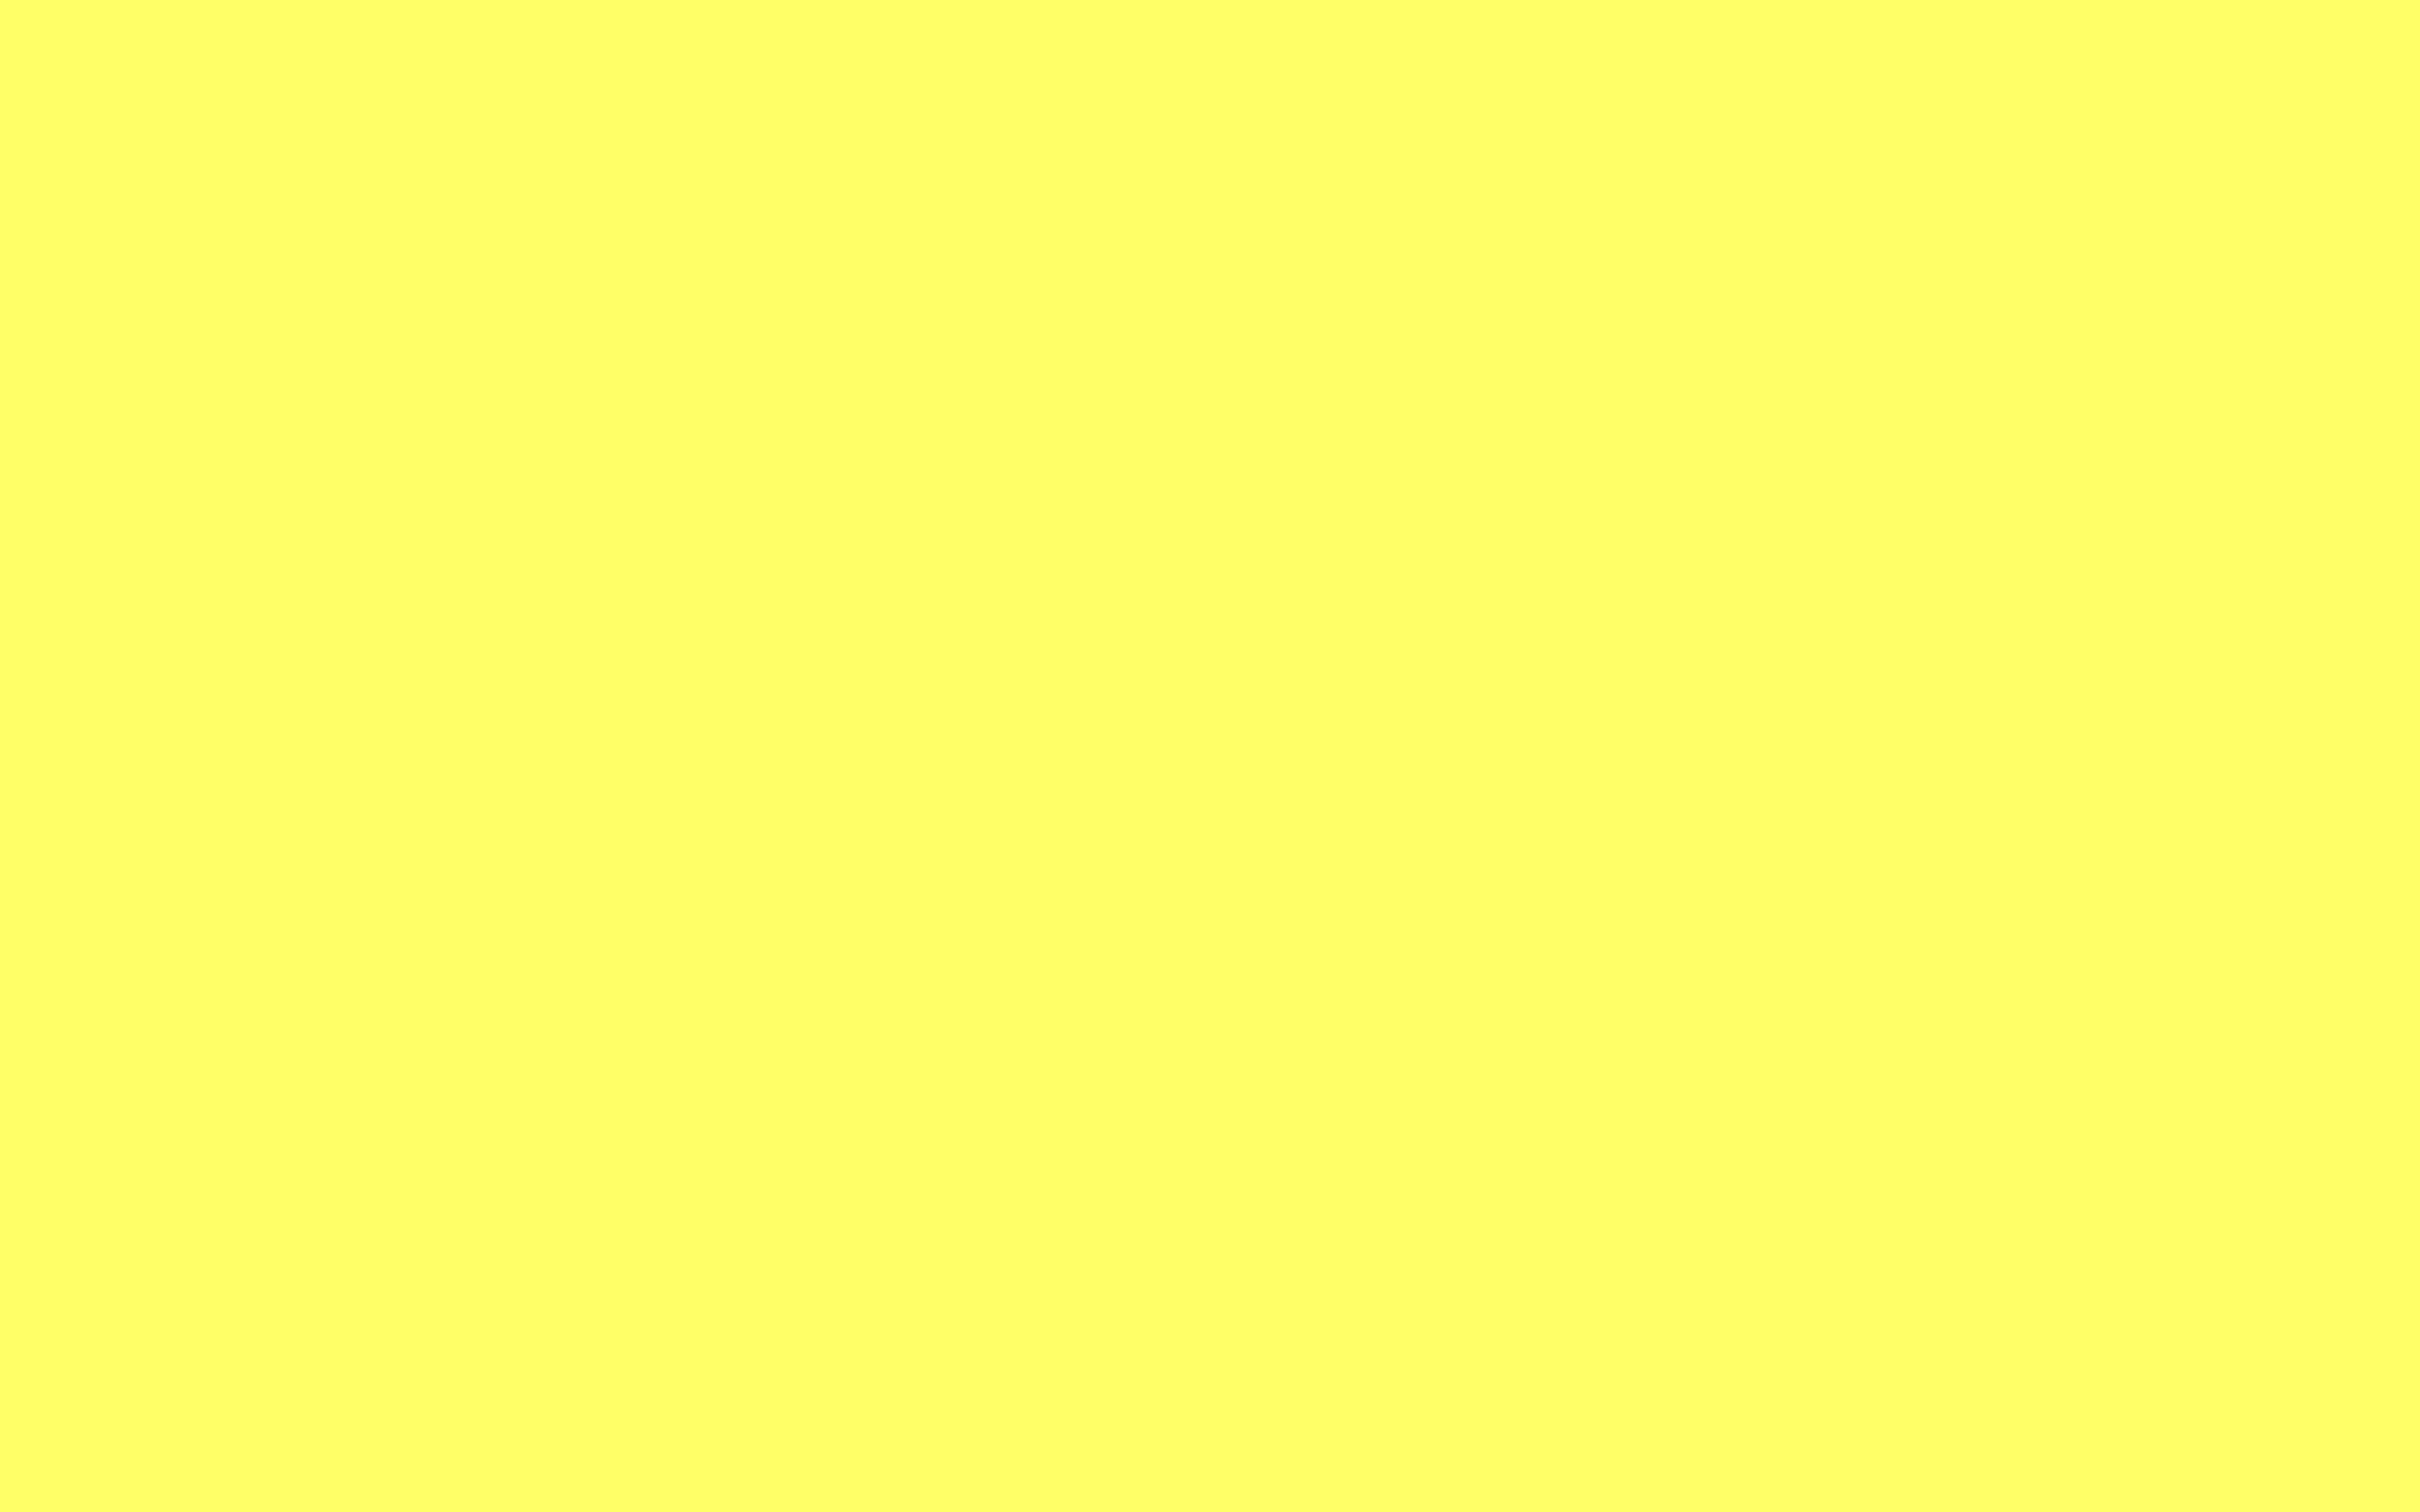 2560x1600 Laser Lemon Solid Color Background